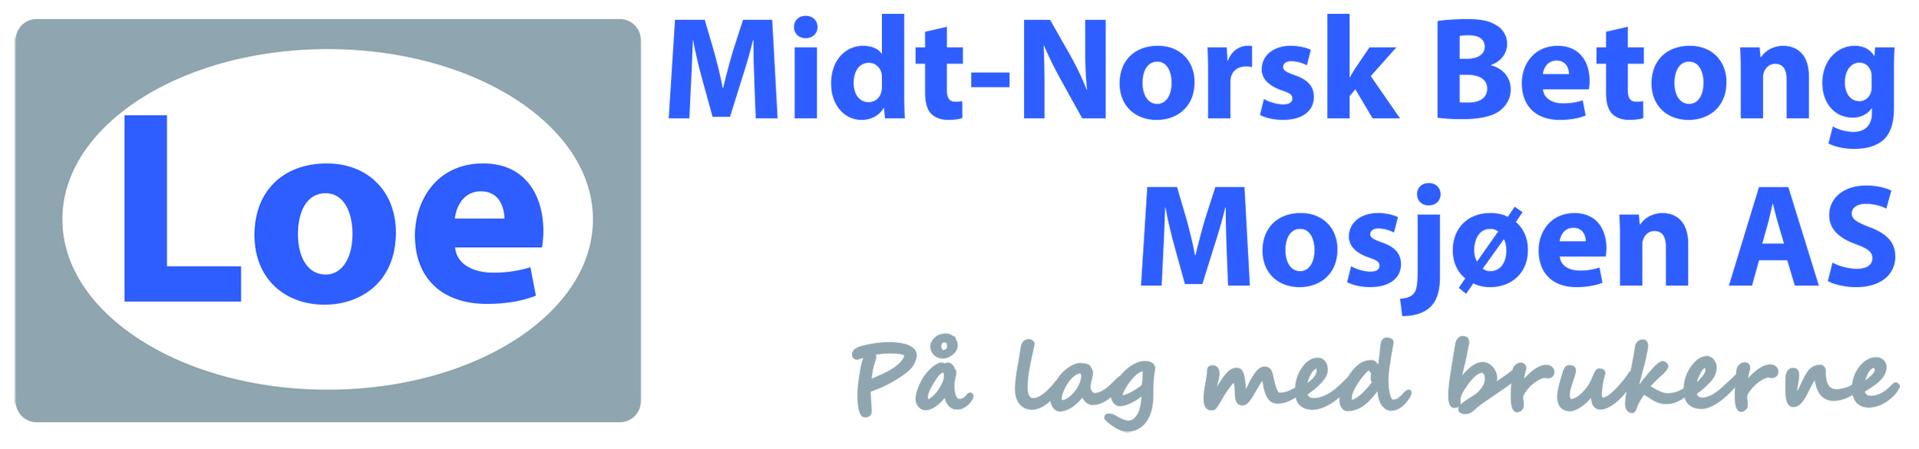 Midt Norsk B.jpg